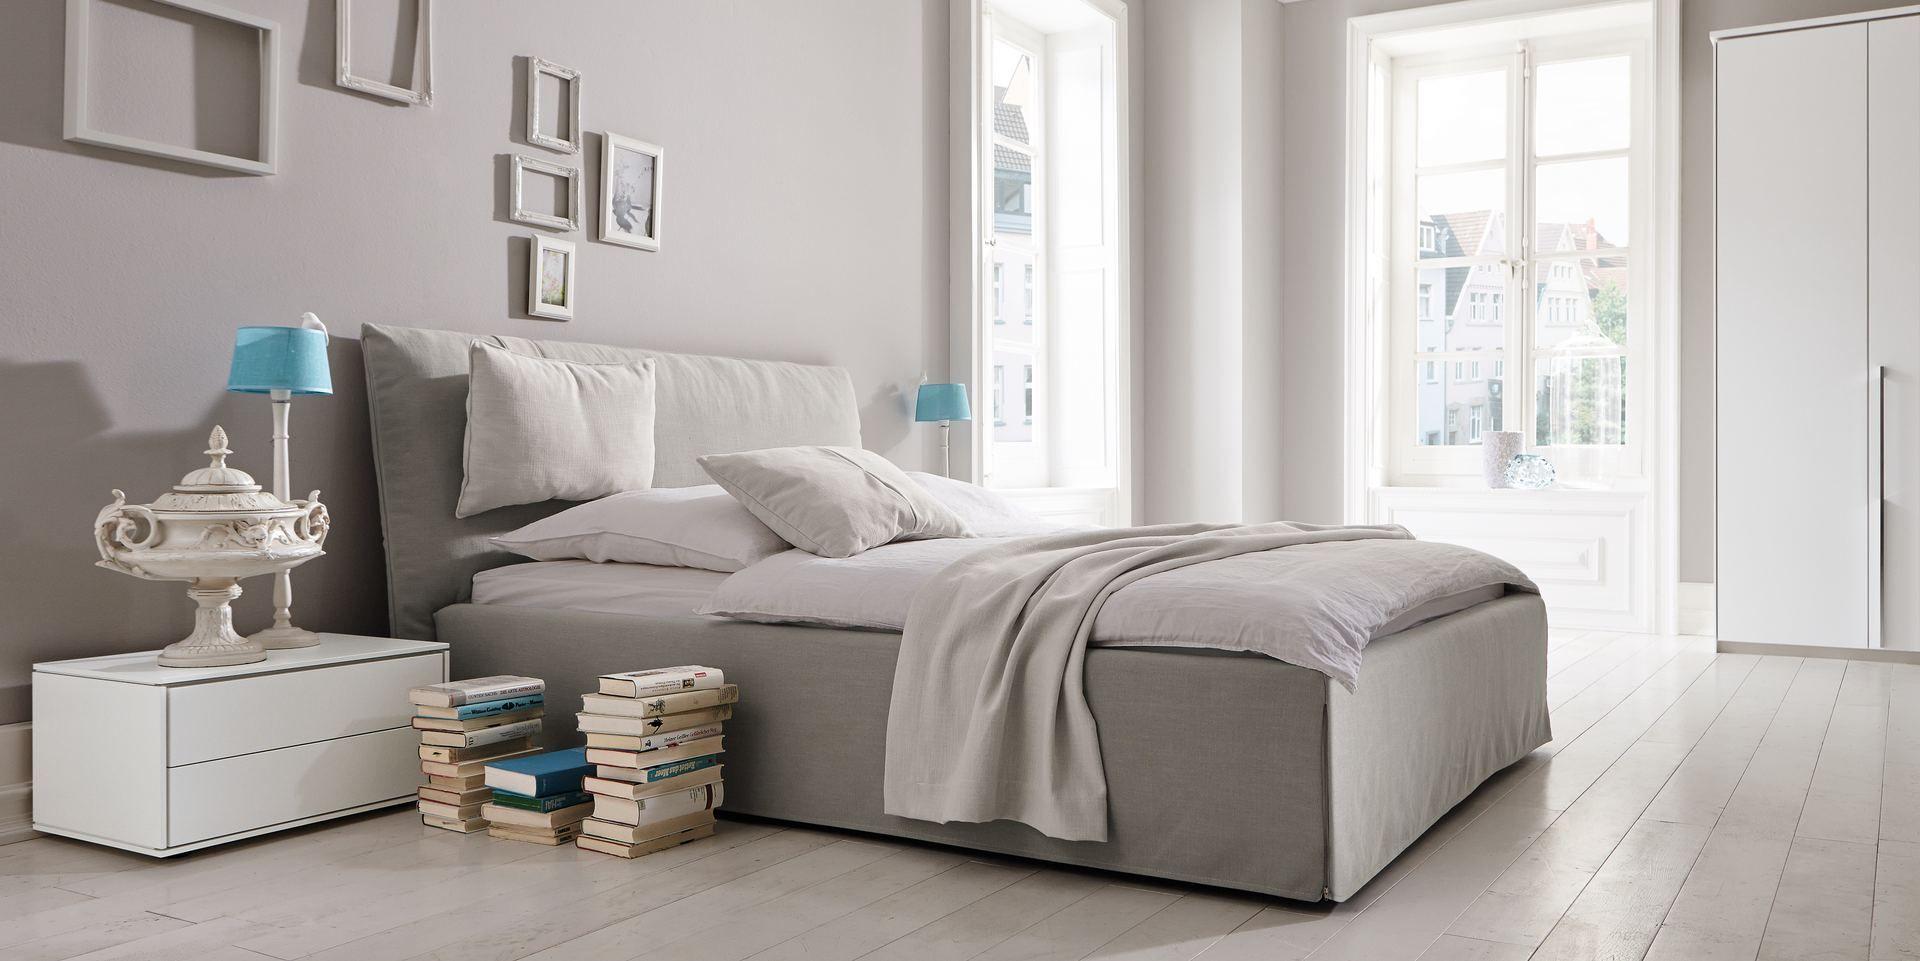 wk 111 lea hussenbett betten a good night pinterest schlafen best and kollektion. Black Bedroom Furniture Sets. Home Design Ideas